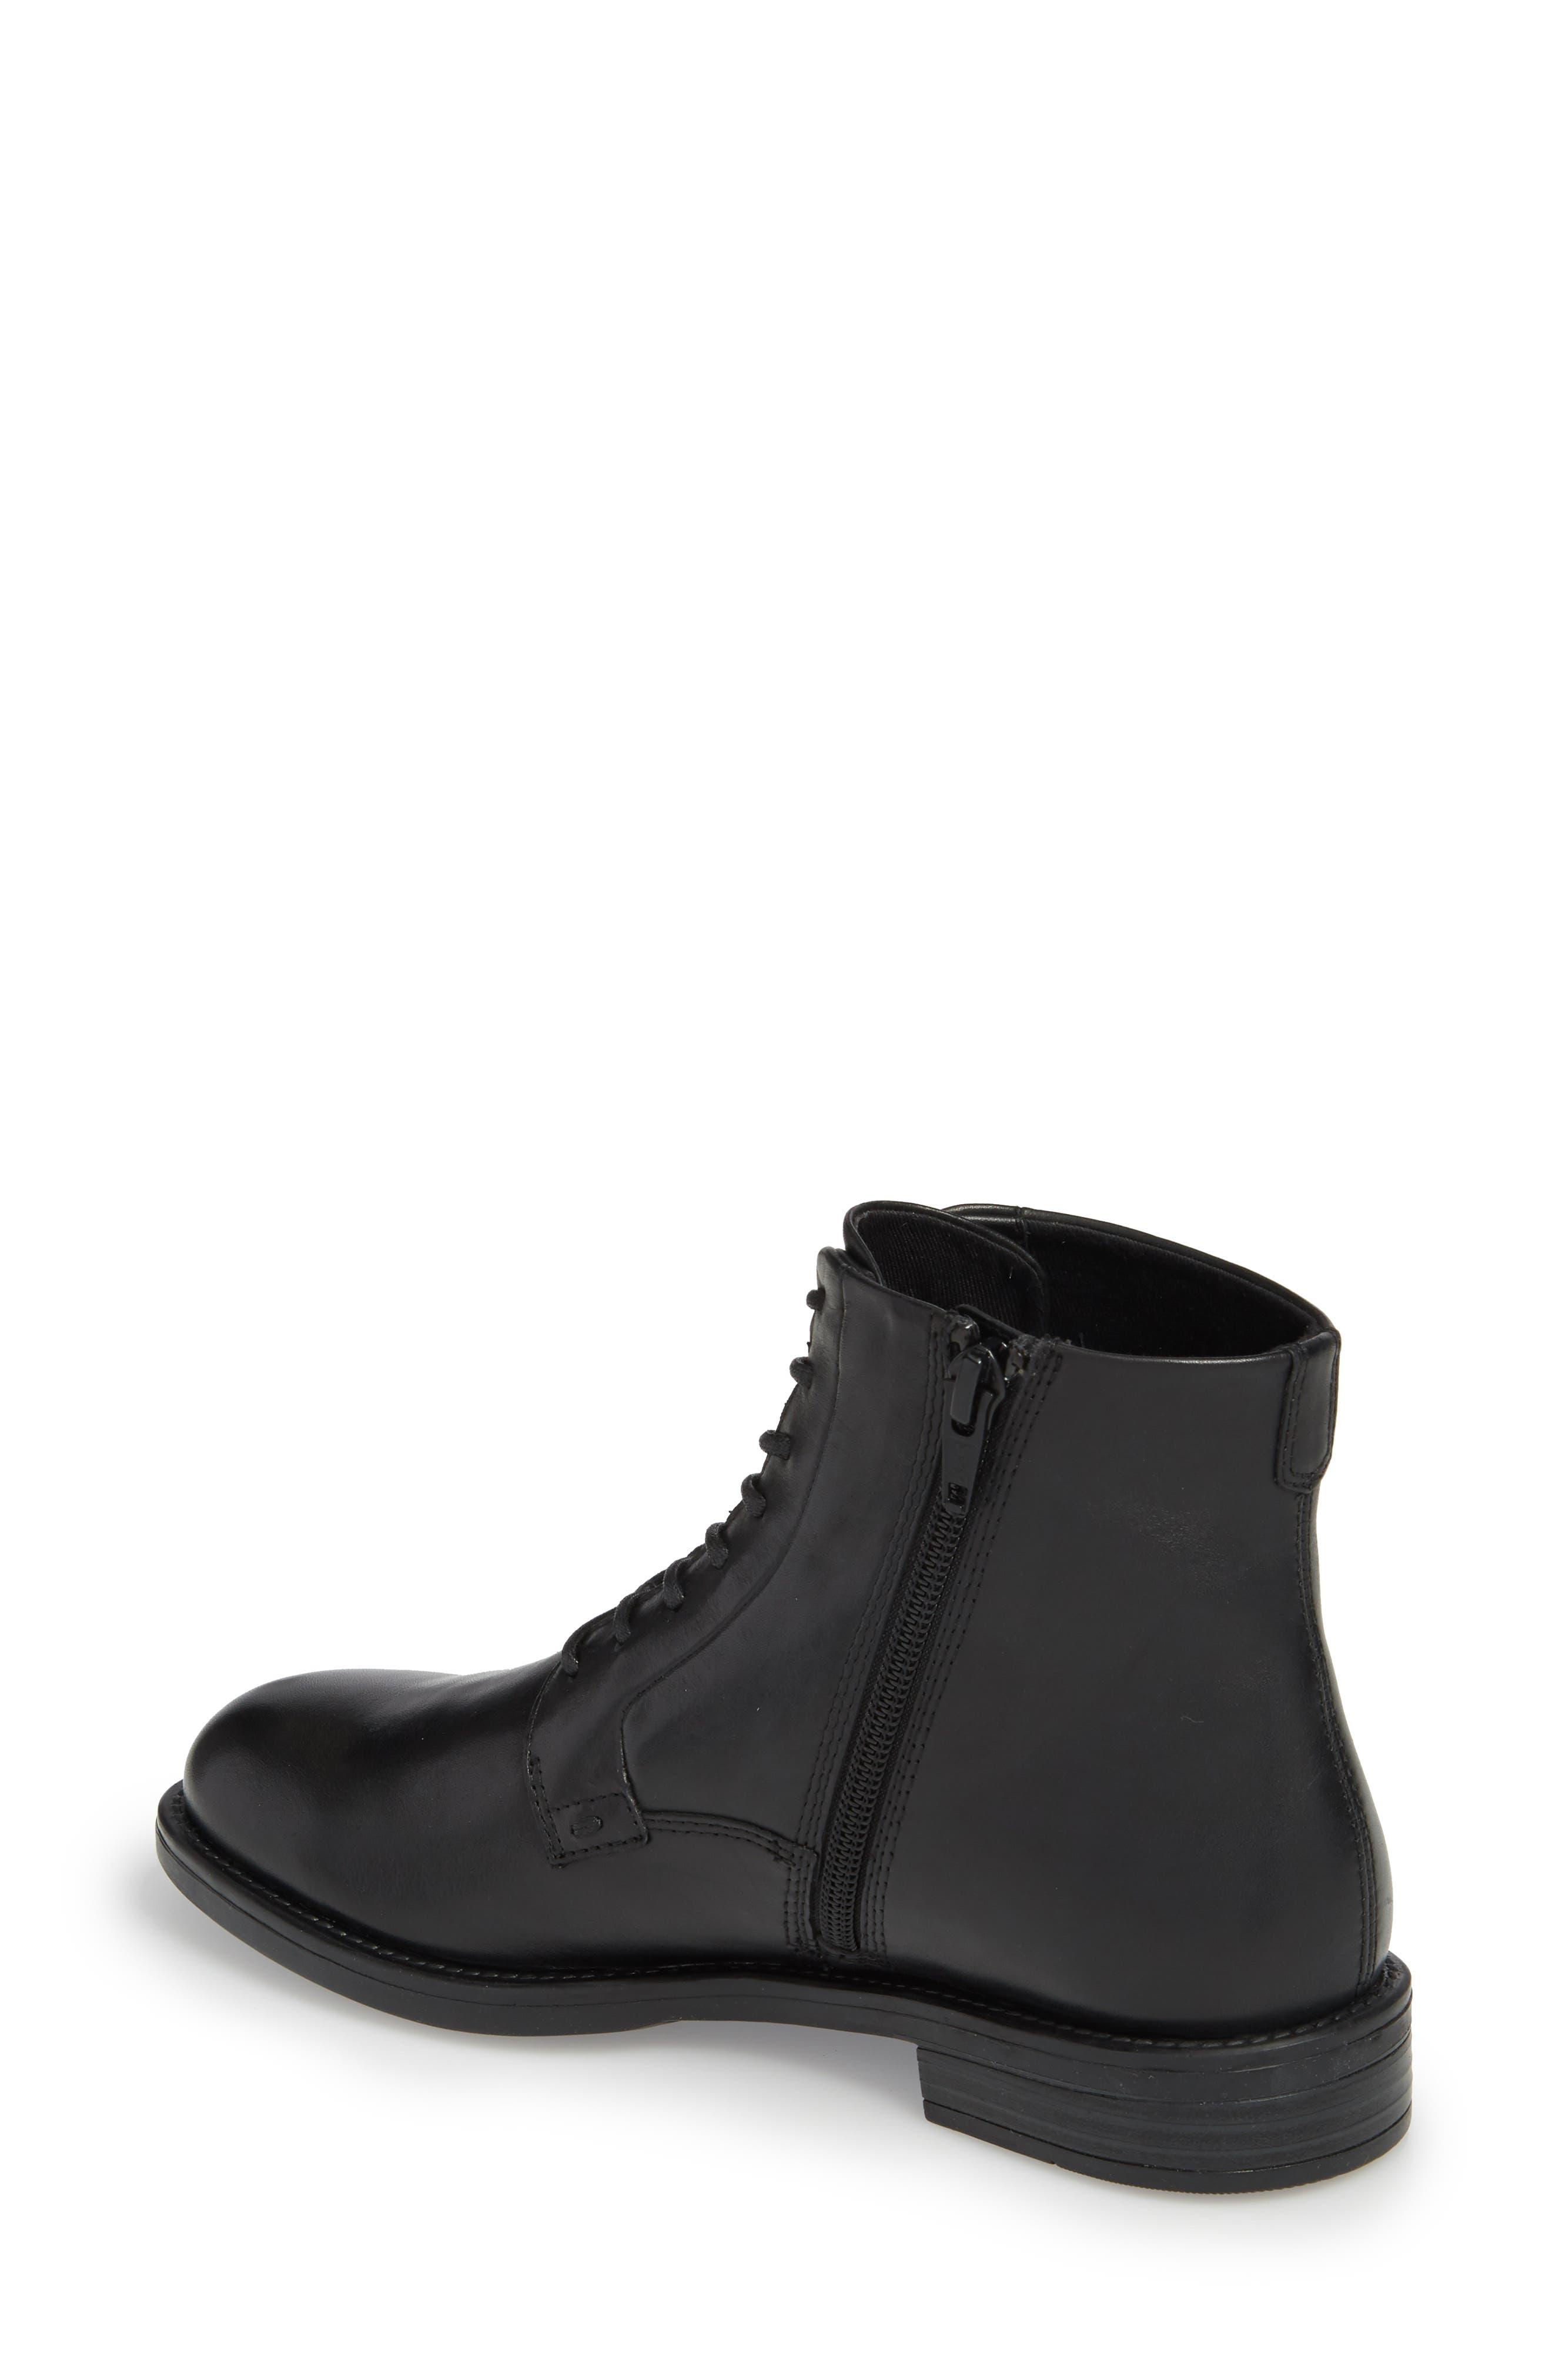 0c8d313ac7c46 Women's Vagabond Shoes   Nordstrom